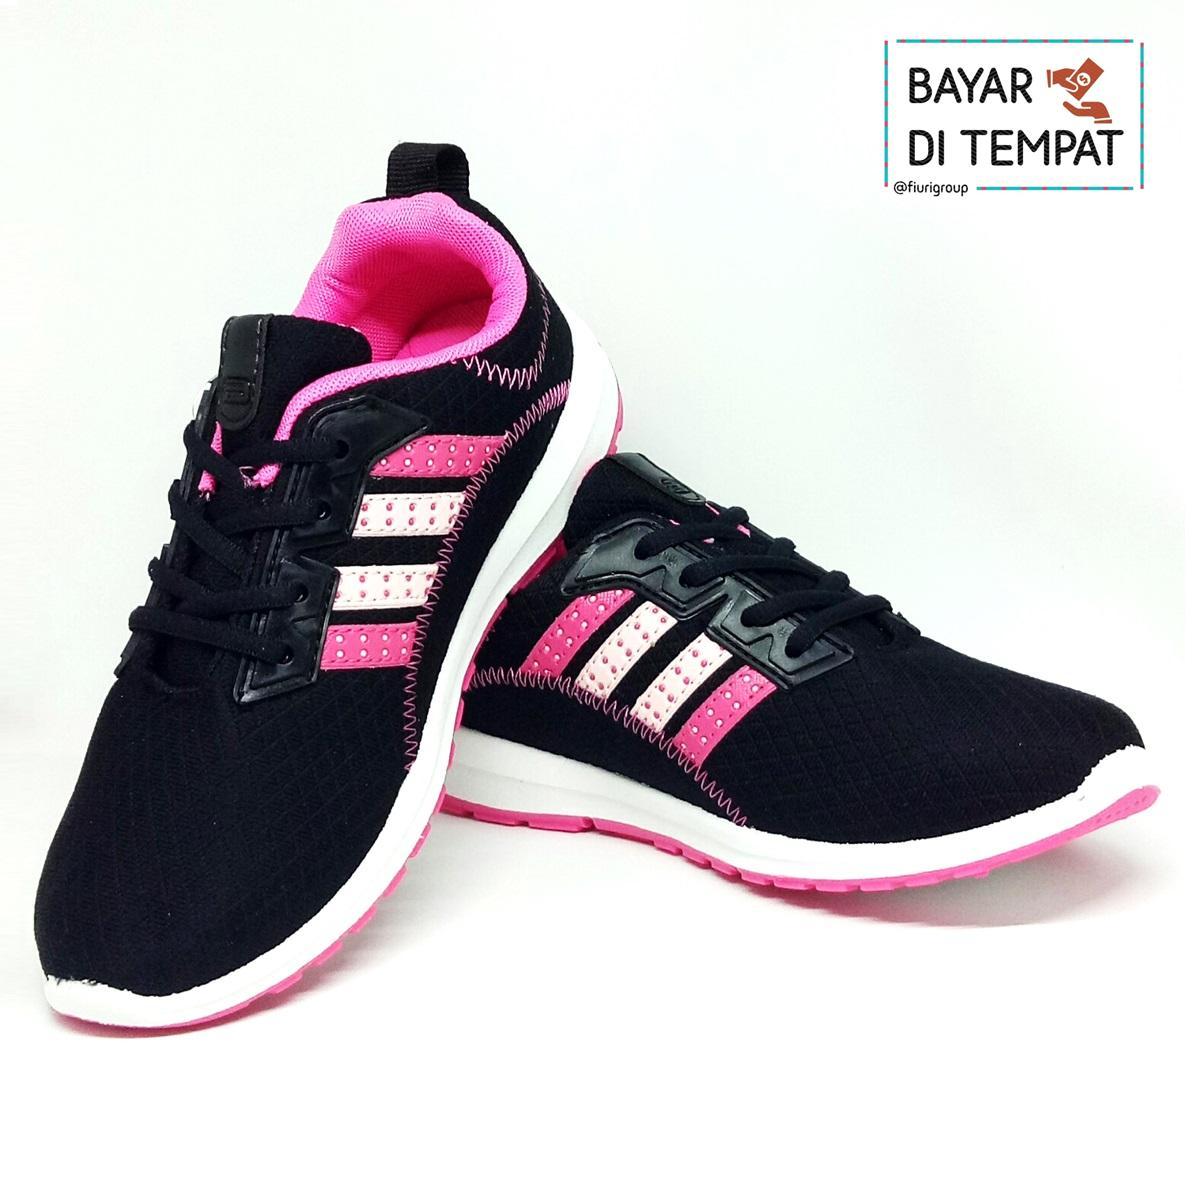 Jual Sepatu Olahraga Wanita Pria Running Nike Air Max Sport Tenis Fiuri Ando Original Plano Black Pink Sneakers